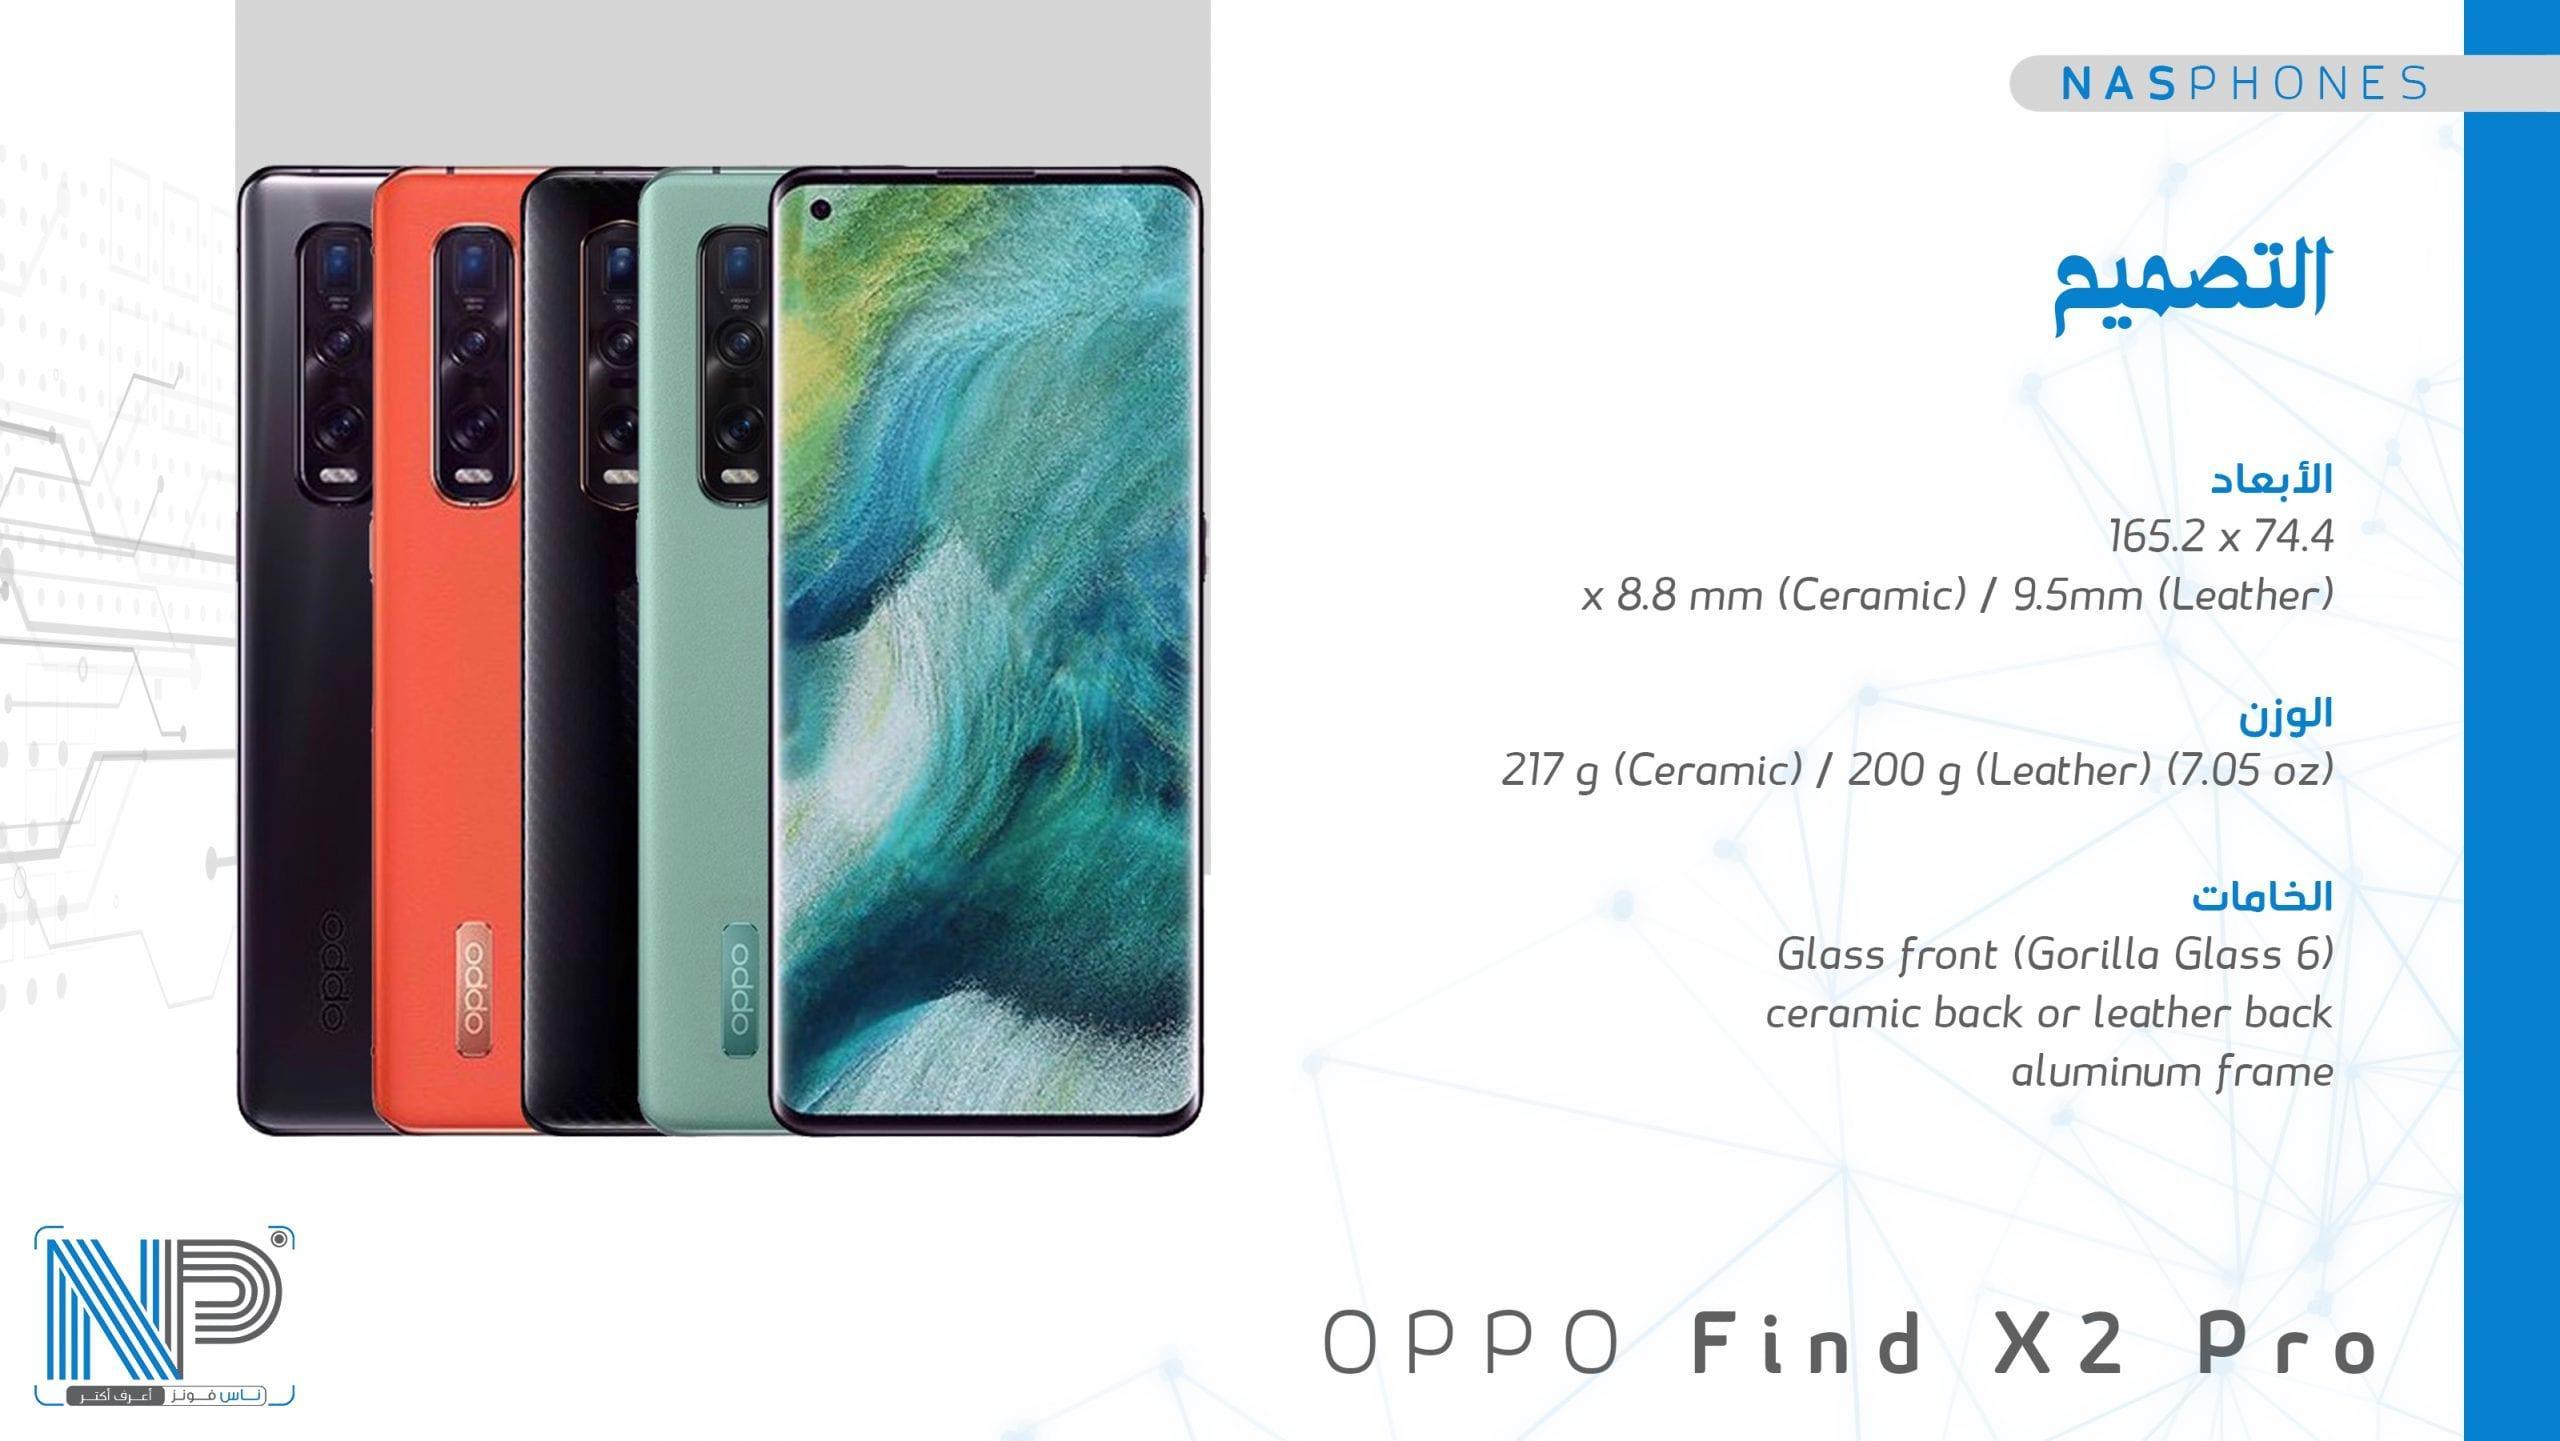 تصميم موبايل Oppo find X2 Pro